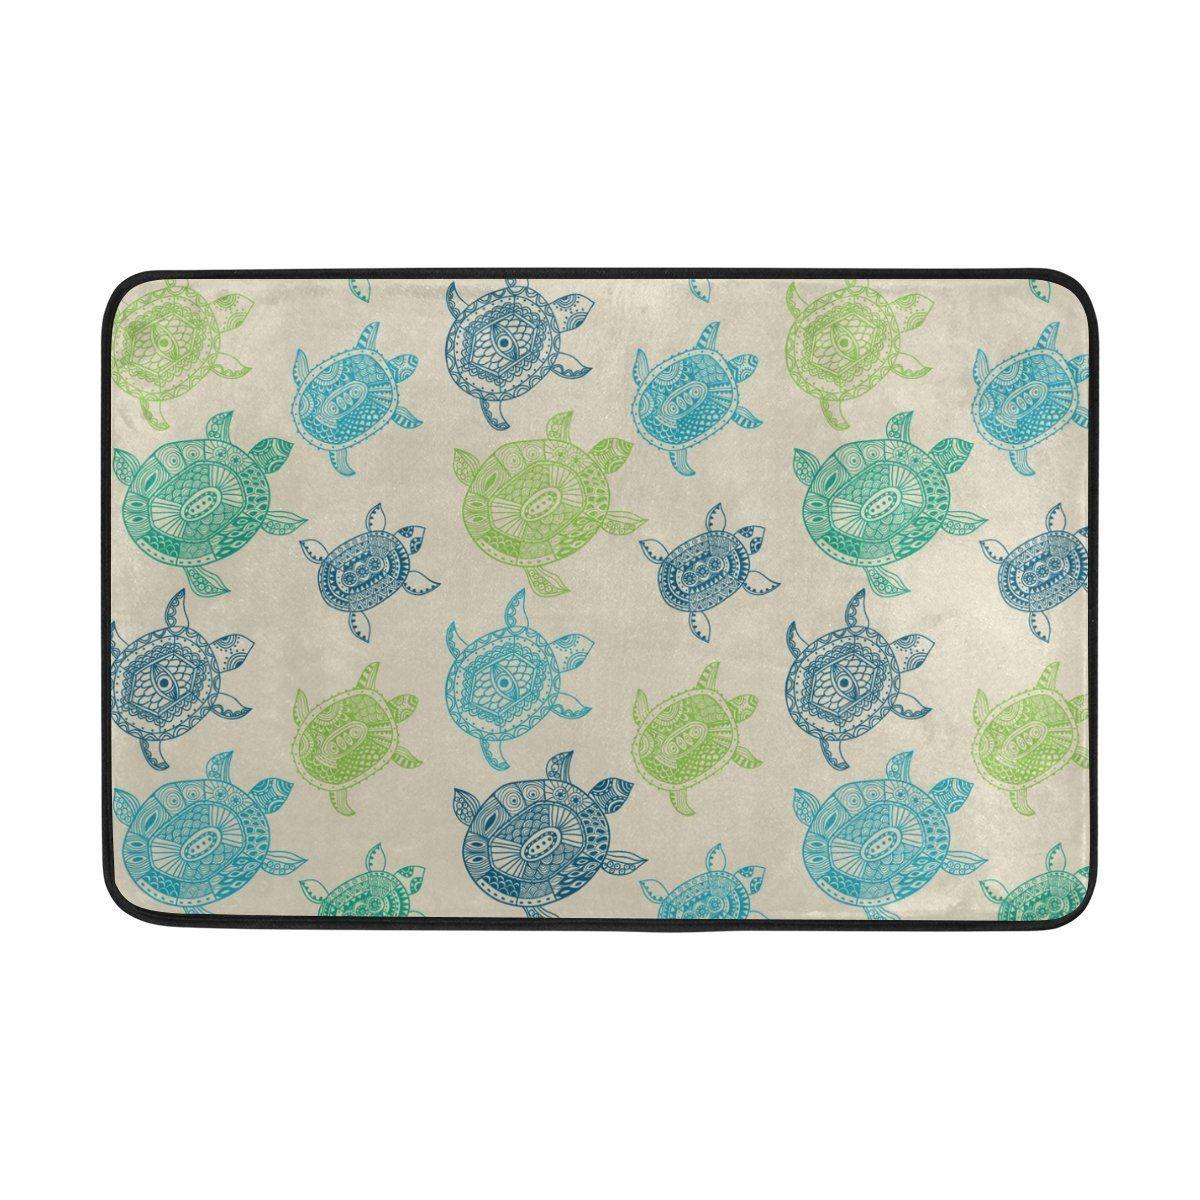 Merveilleux Yochoice Non Slip Door Mat Home Decor, Cartoon Sea Turtle Durable Indoor  Outdoor Entrance